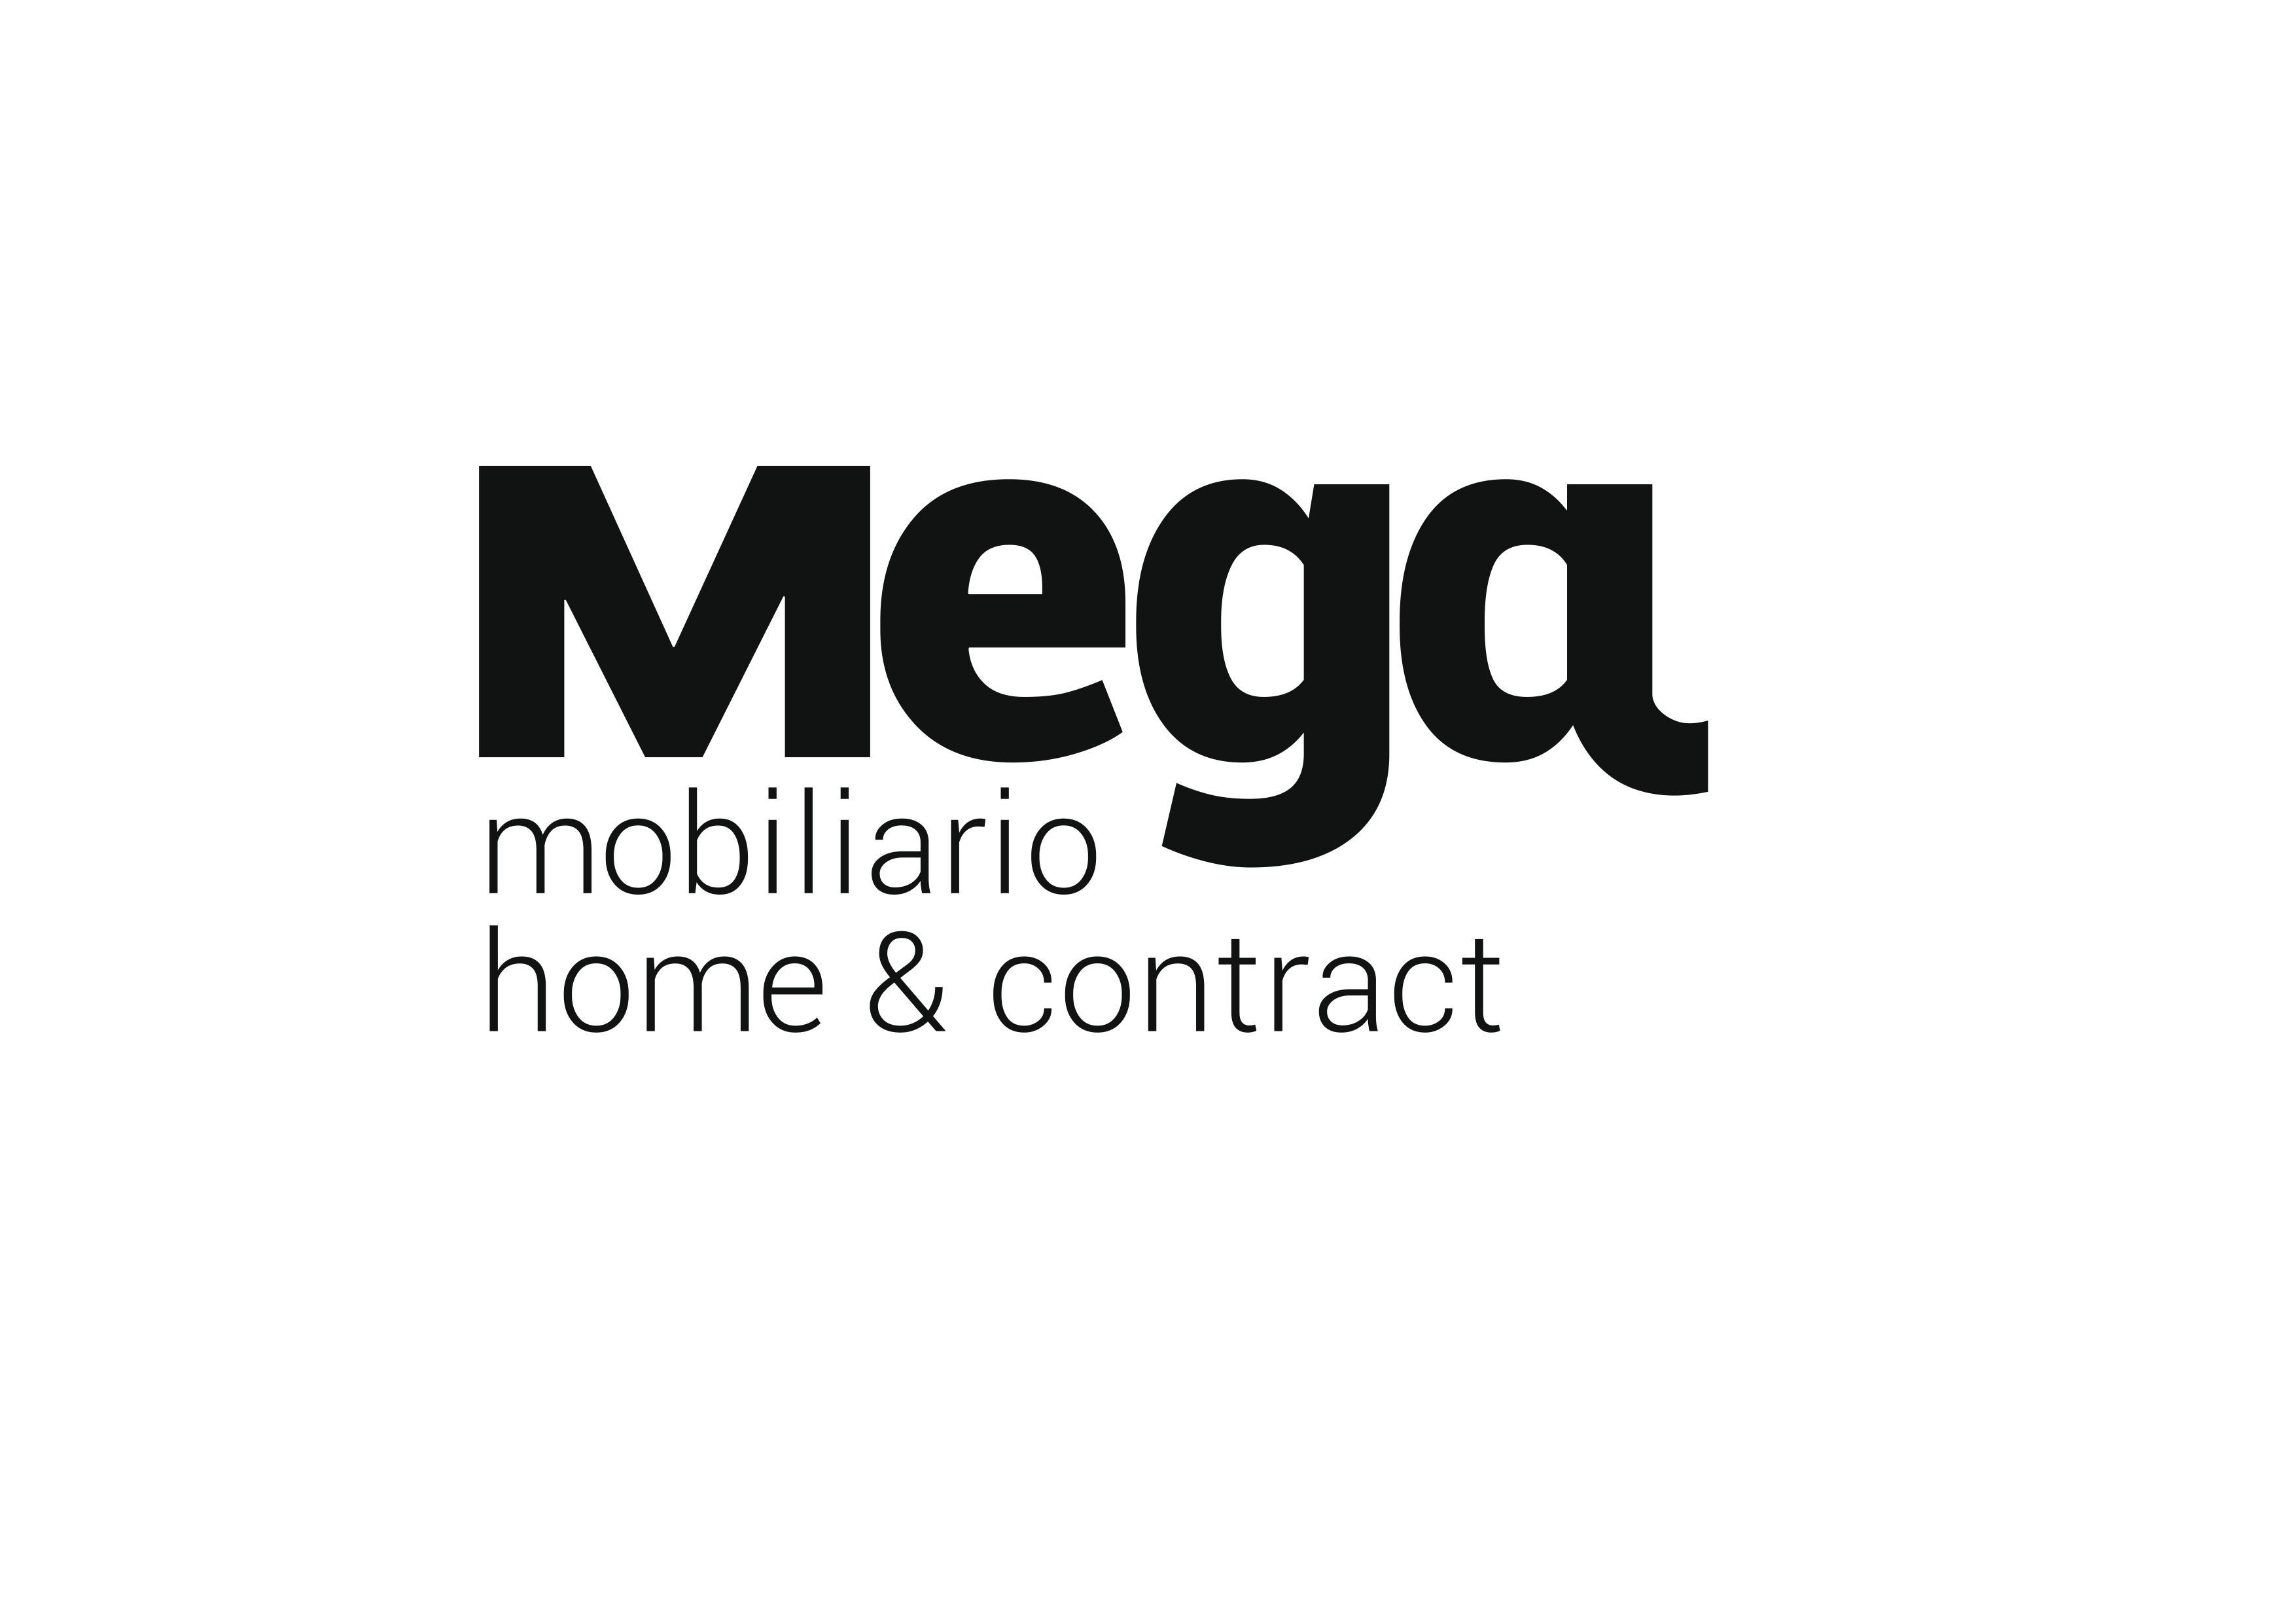 Nueva imagen corporativa de Mega Mobiliario con motivo del 40 aniversario de la empresa.